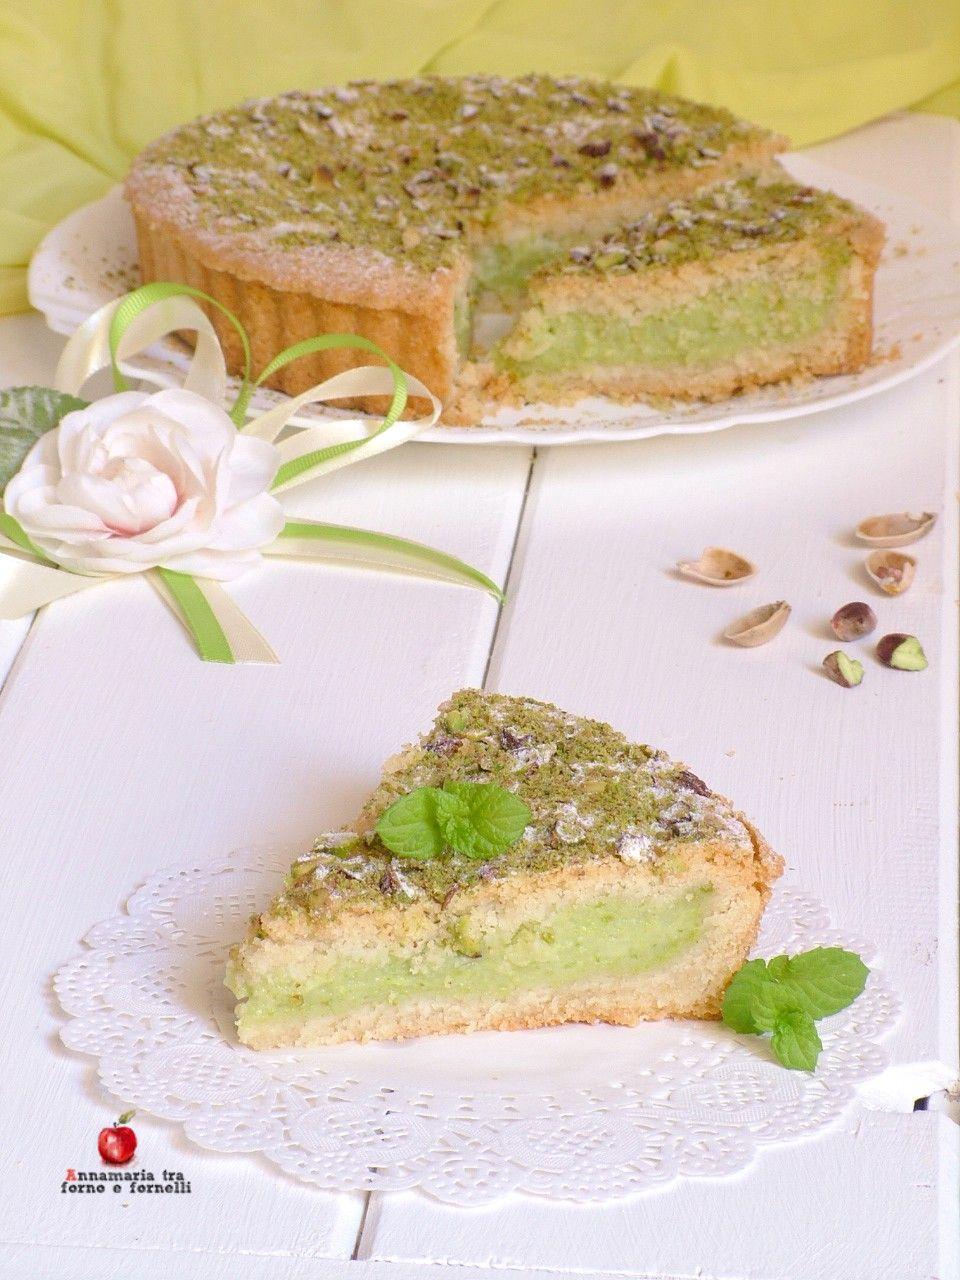 5c91ac0aa1e786550215ce6da2077ef3 - Torte Della Nonna Ricette